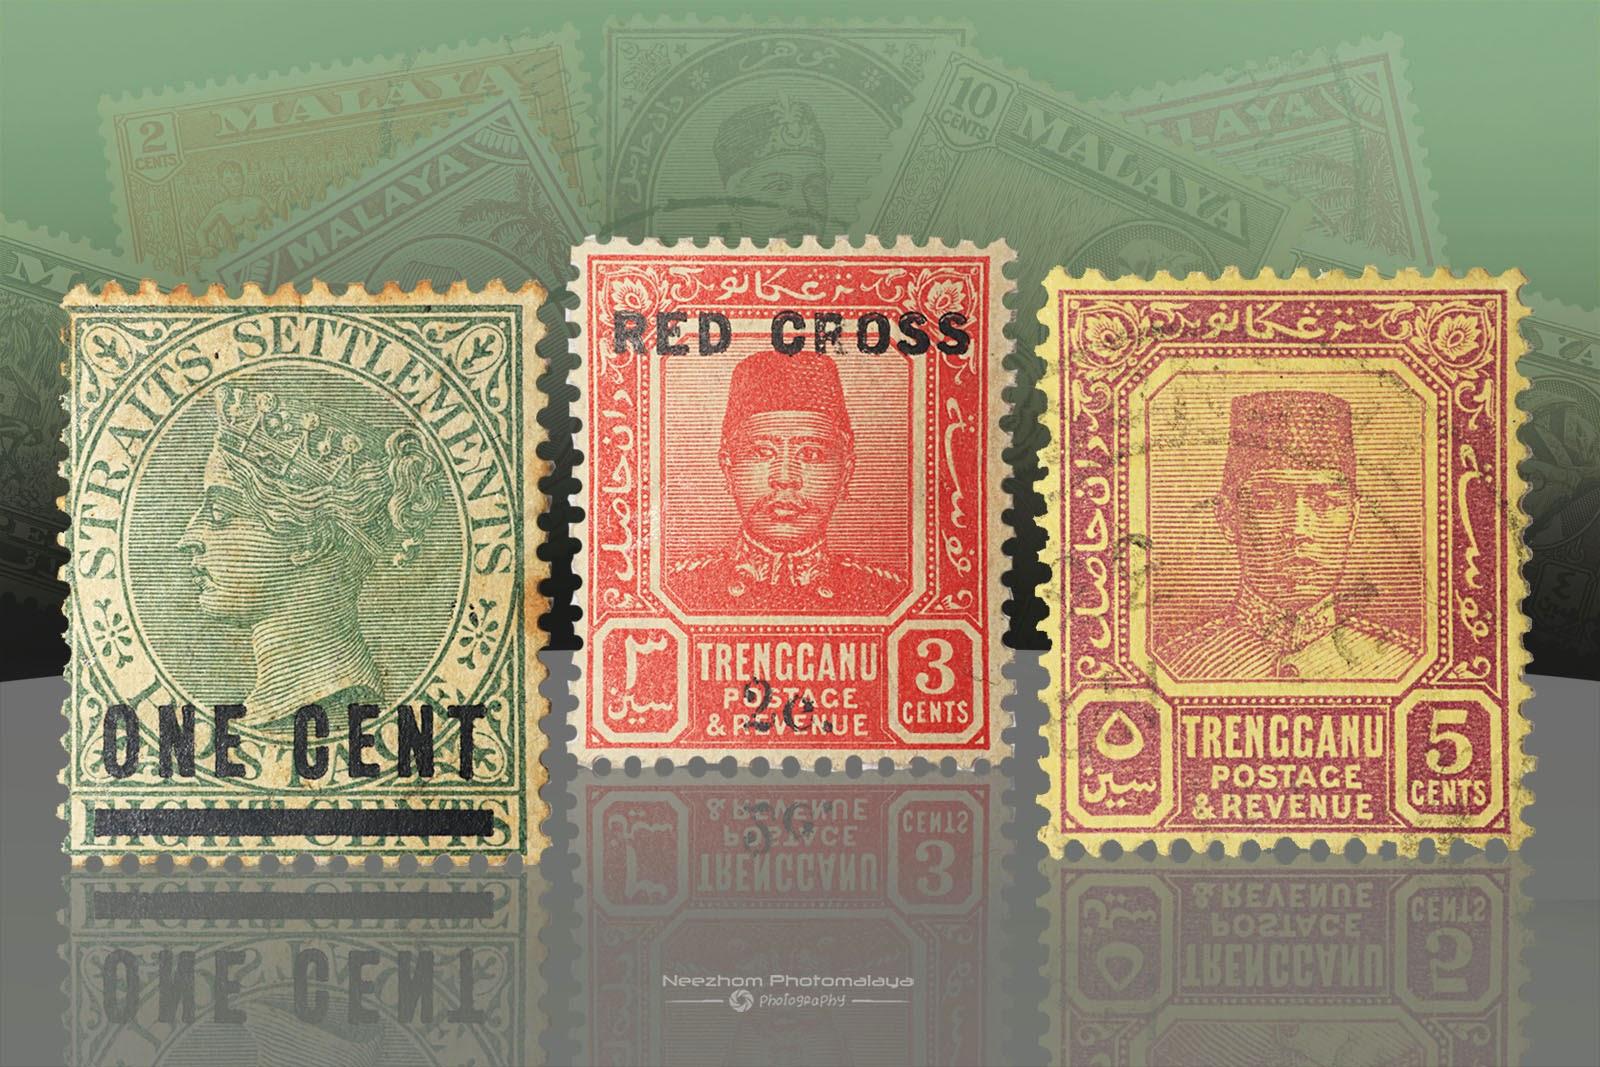 Setem Malaya 1 Cent Straits Settlements 1892, 3 Cents Trengganu 1917, 5 Cents Trengganu 1924